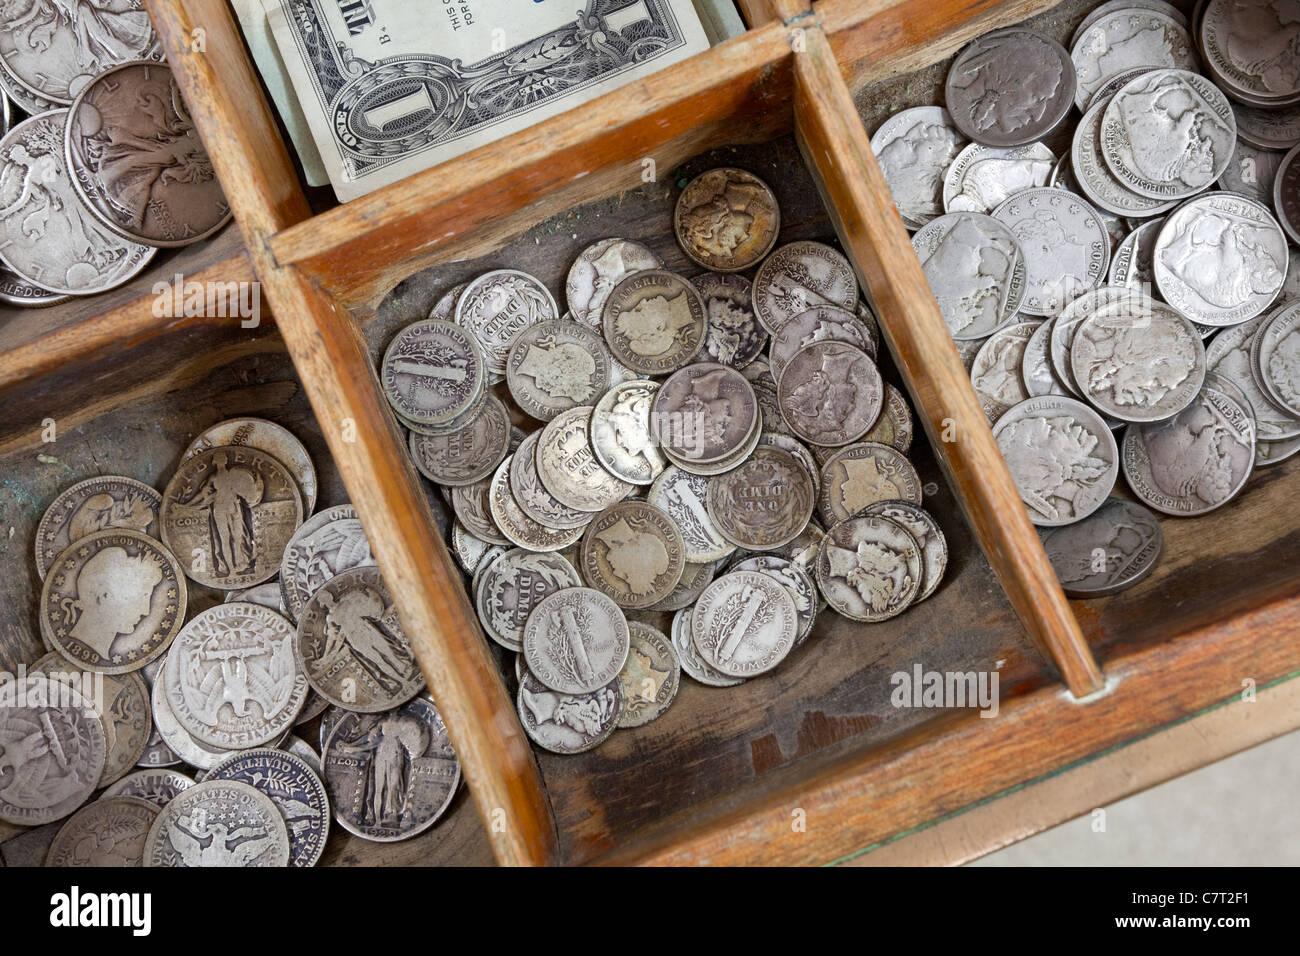 Pièces Vintage à l'intérieur d'un vieux tiroir caisse. Photo Stock